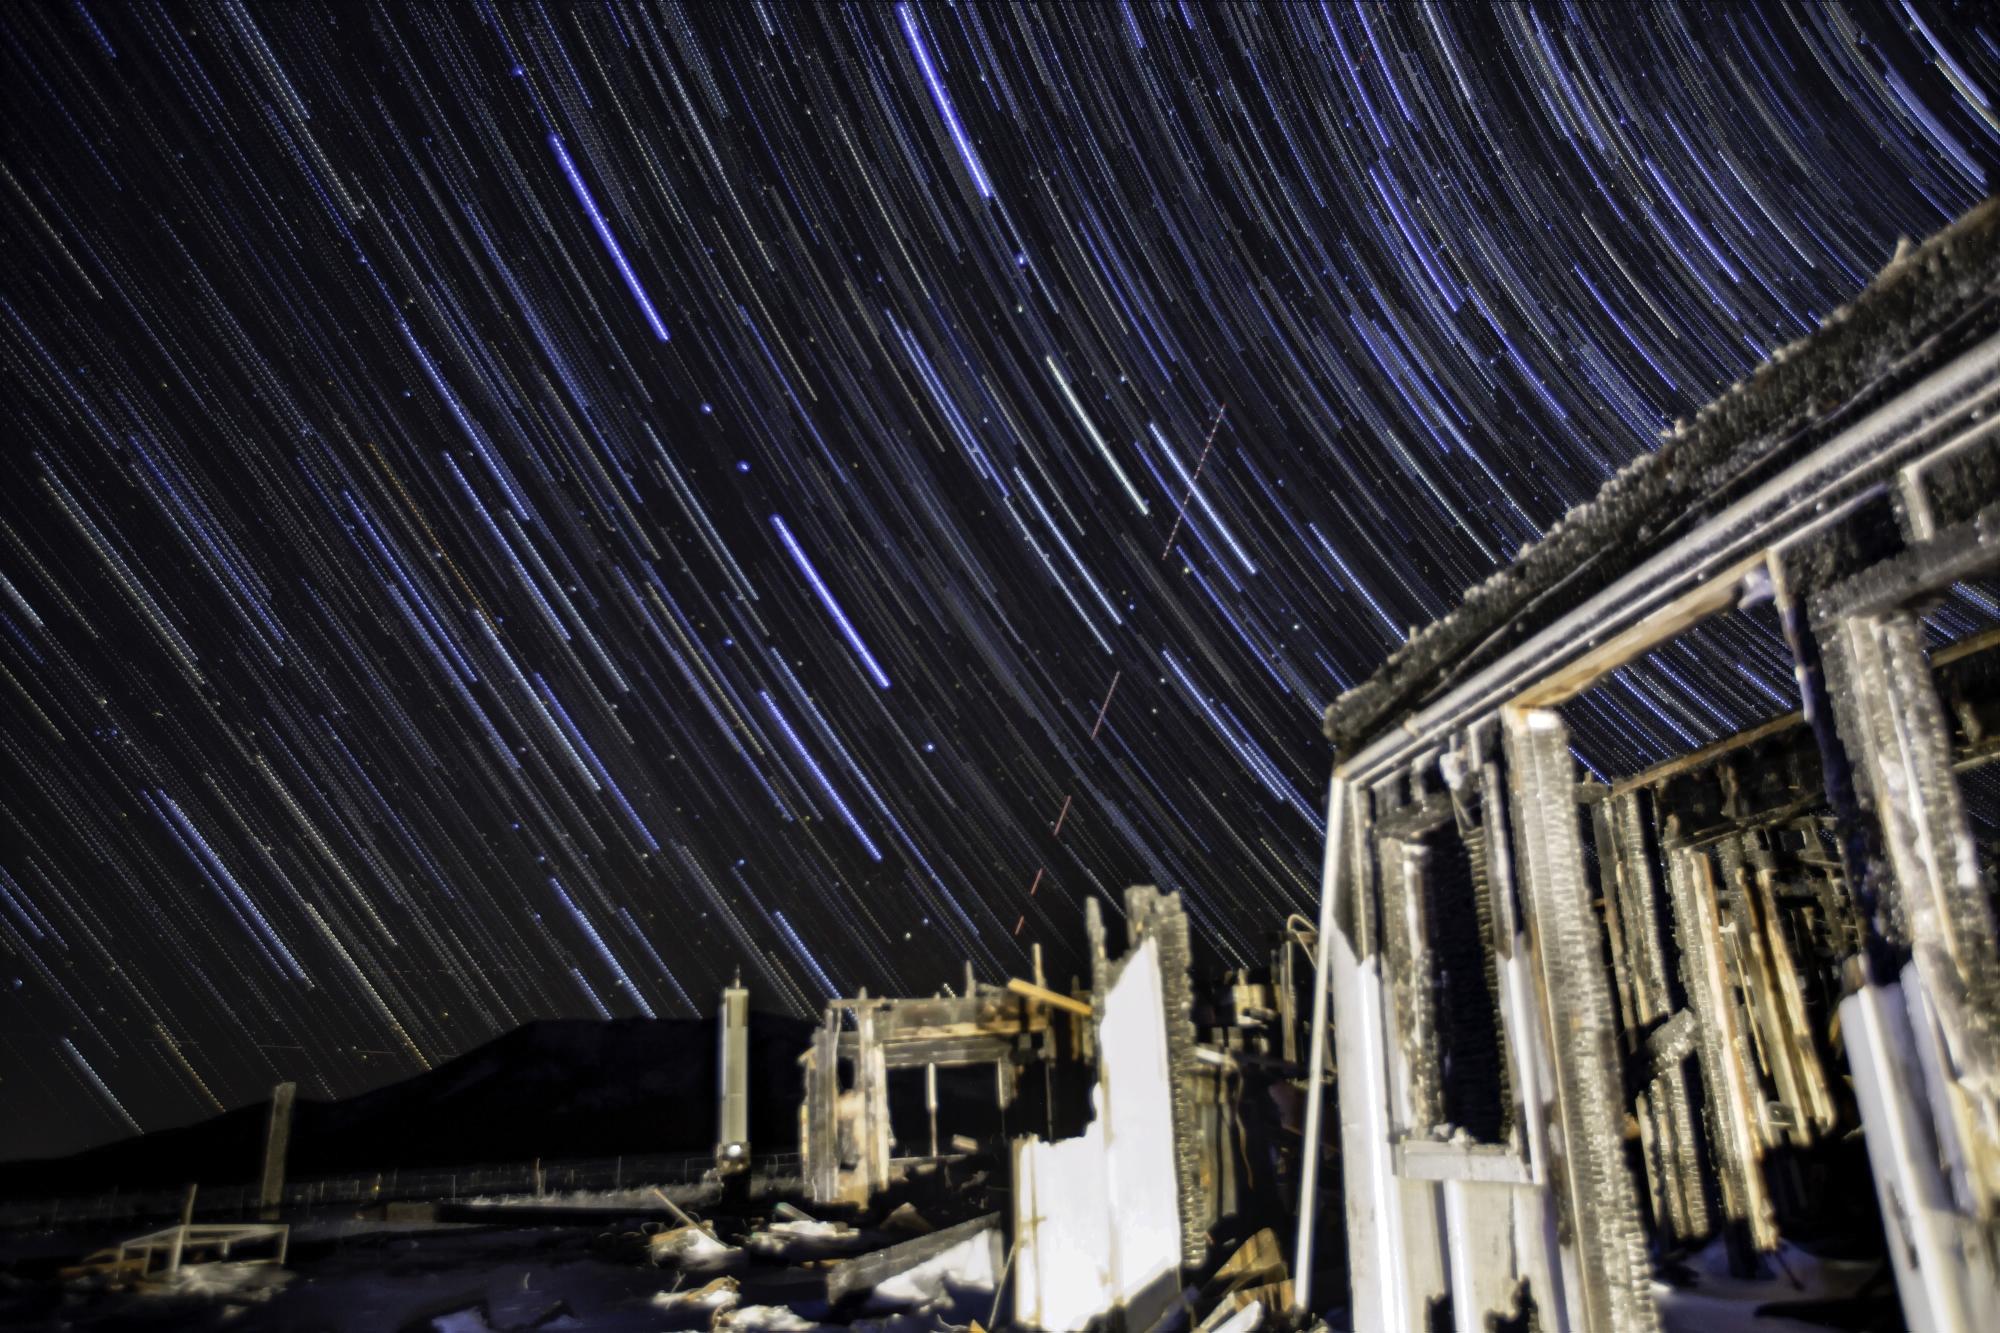 StarStaX_2016_11_30_null_star-snow1-1-2016_11_30_null_star-snow1-9_gap_filling_00000049.jpg